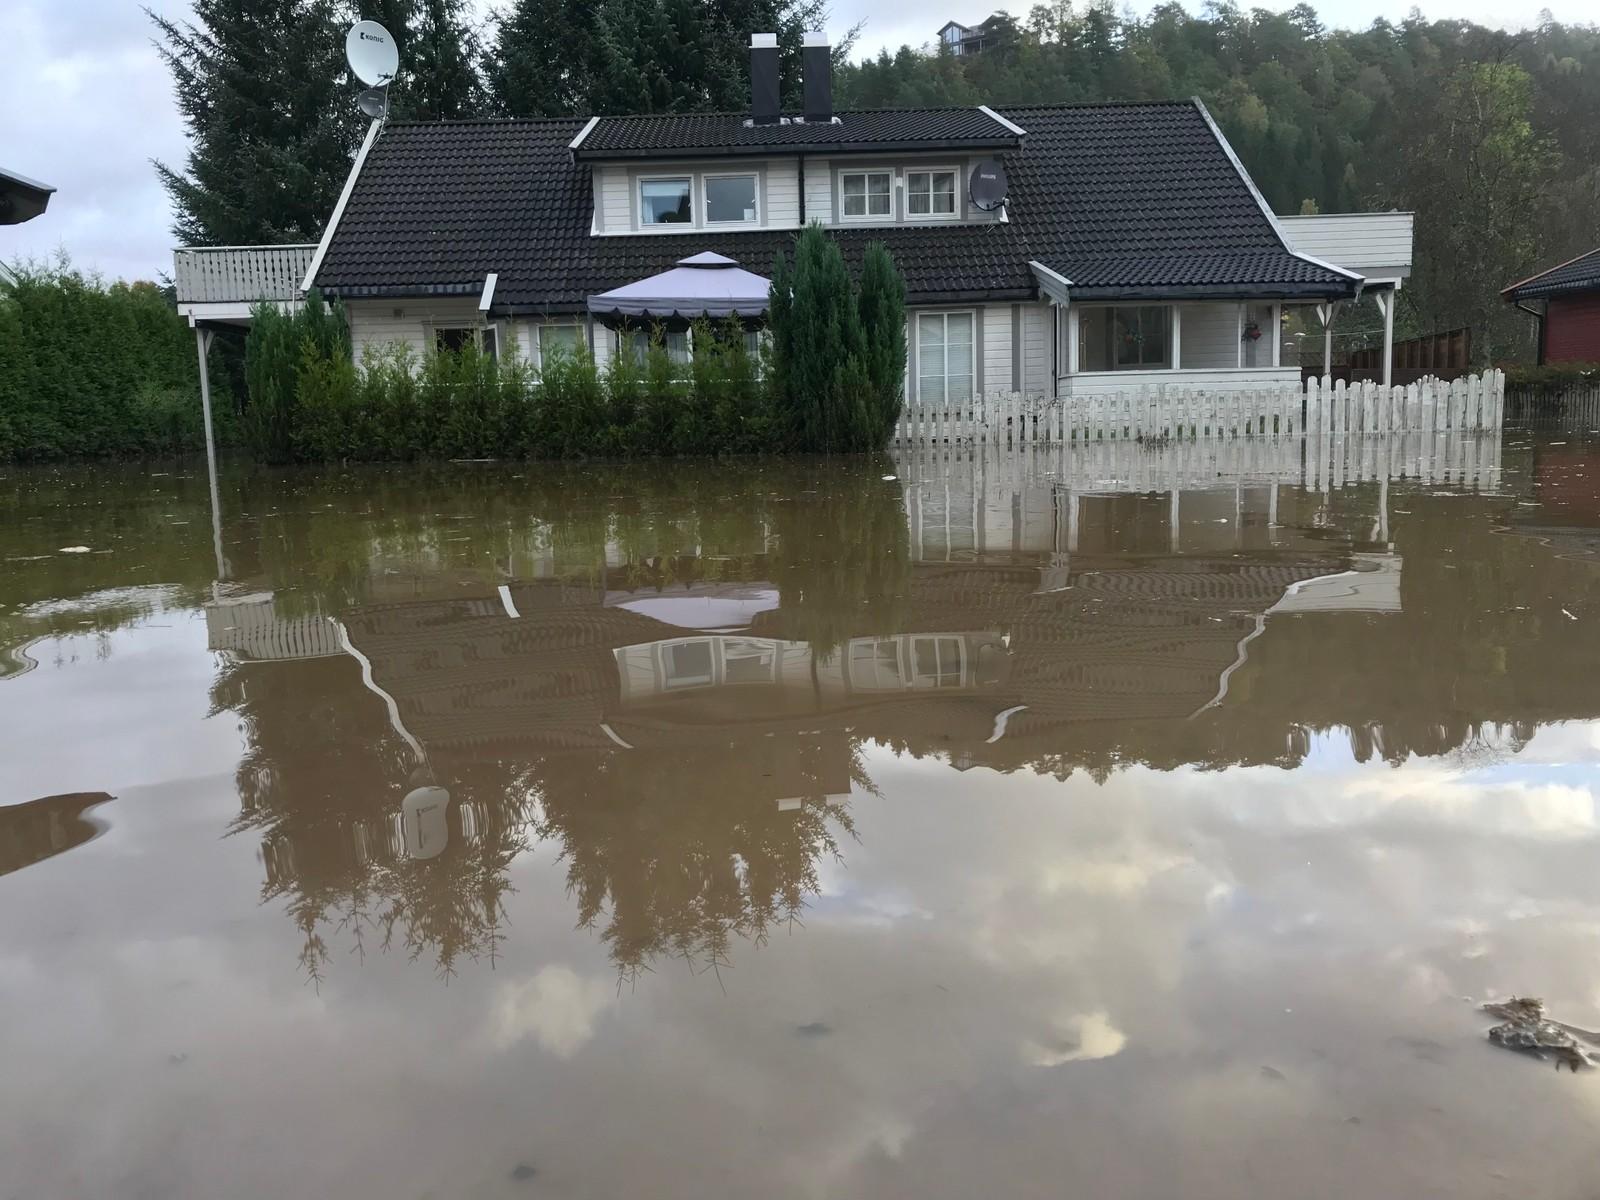 AGDER: Vann og skitt har kommet inn i husene i det flomrammede området i Lyngdal i Vest-Agder.